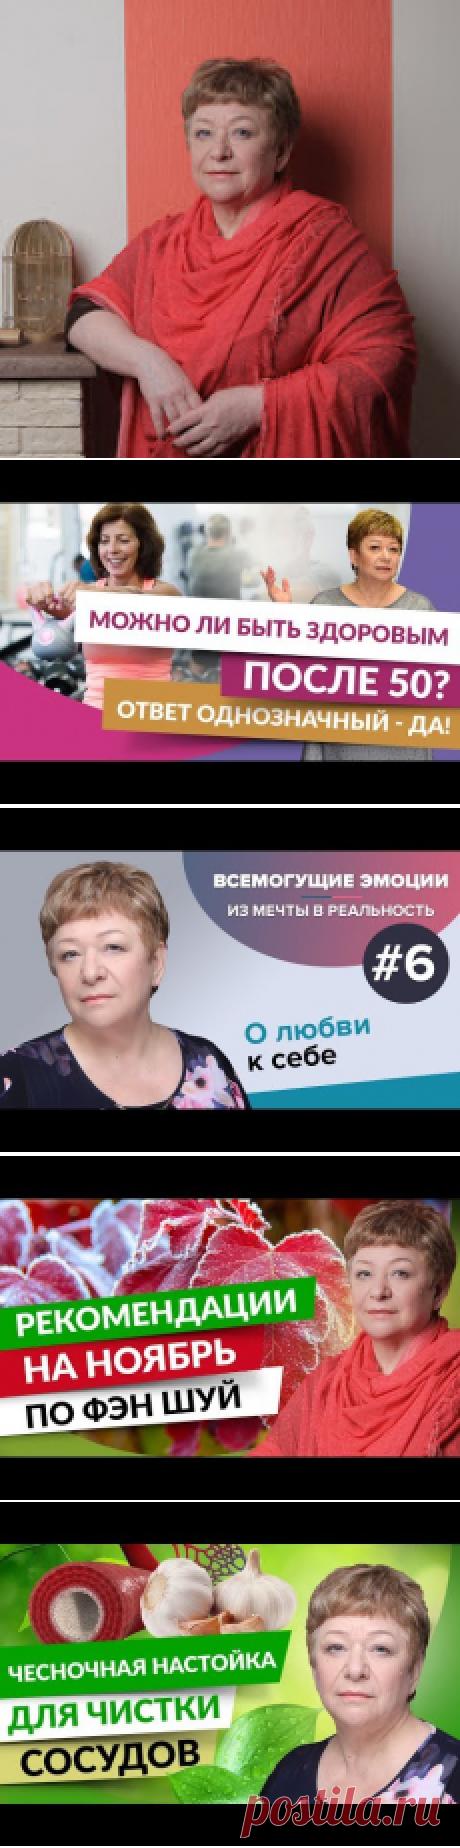 Татьяна Панюшкина - YouTube